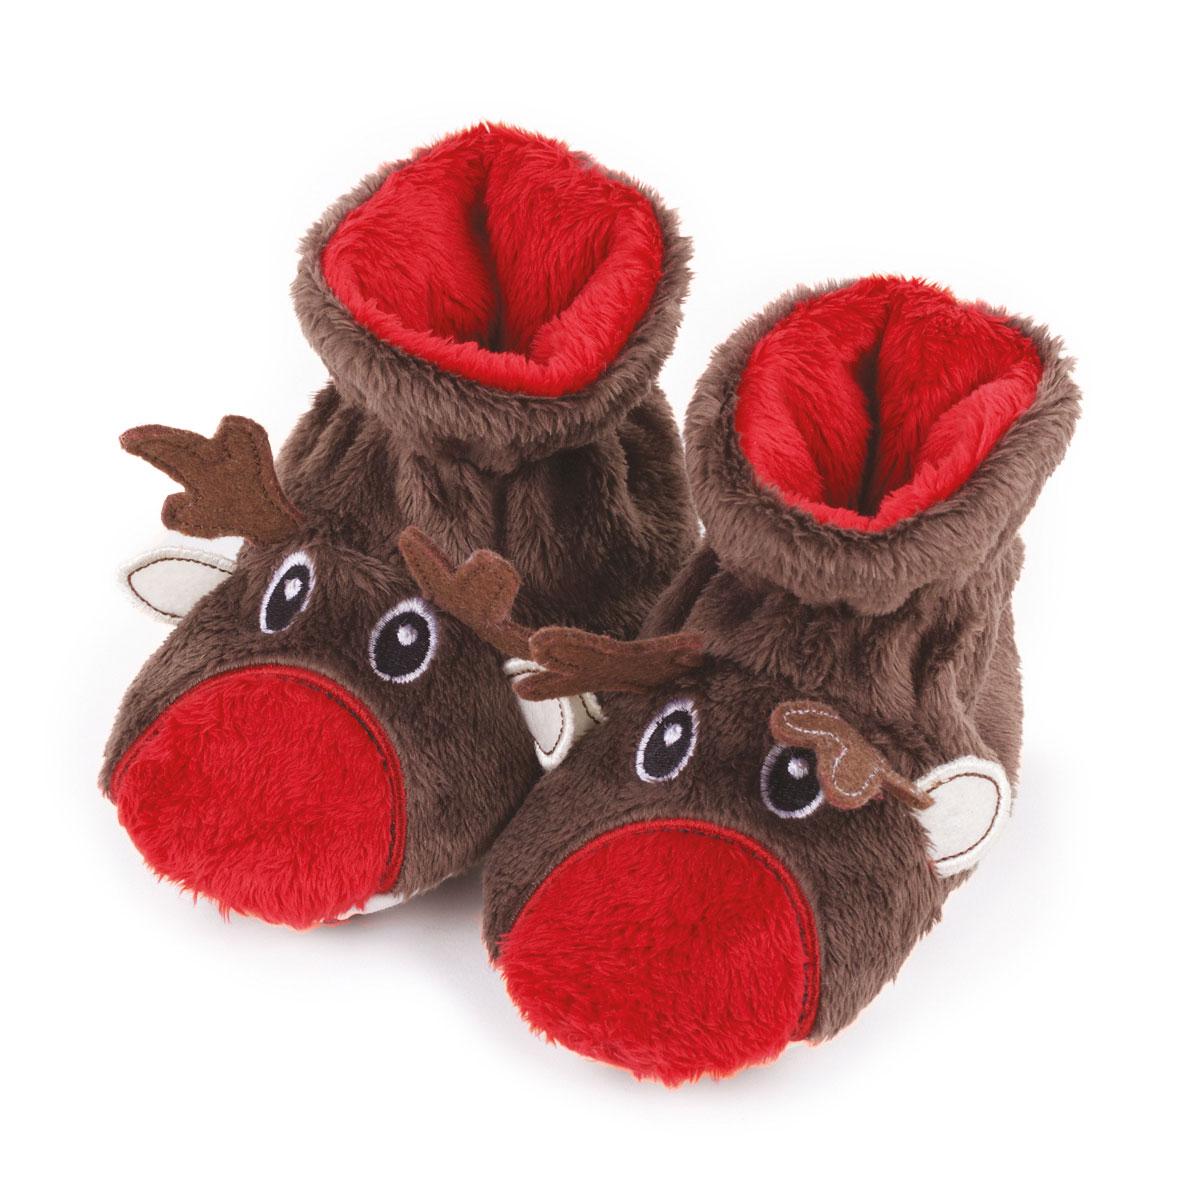 defd2f1b006 totes Unisex Reindeer Slippers Reindeer